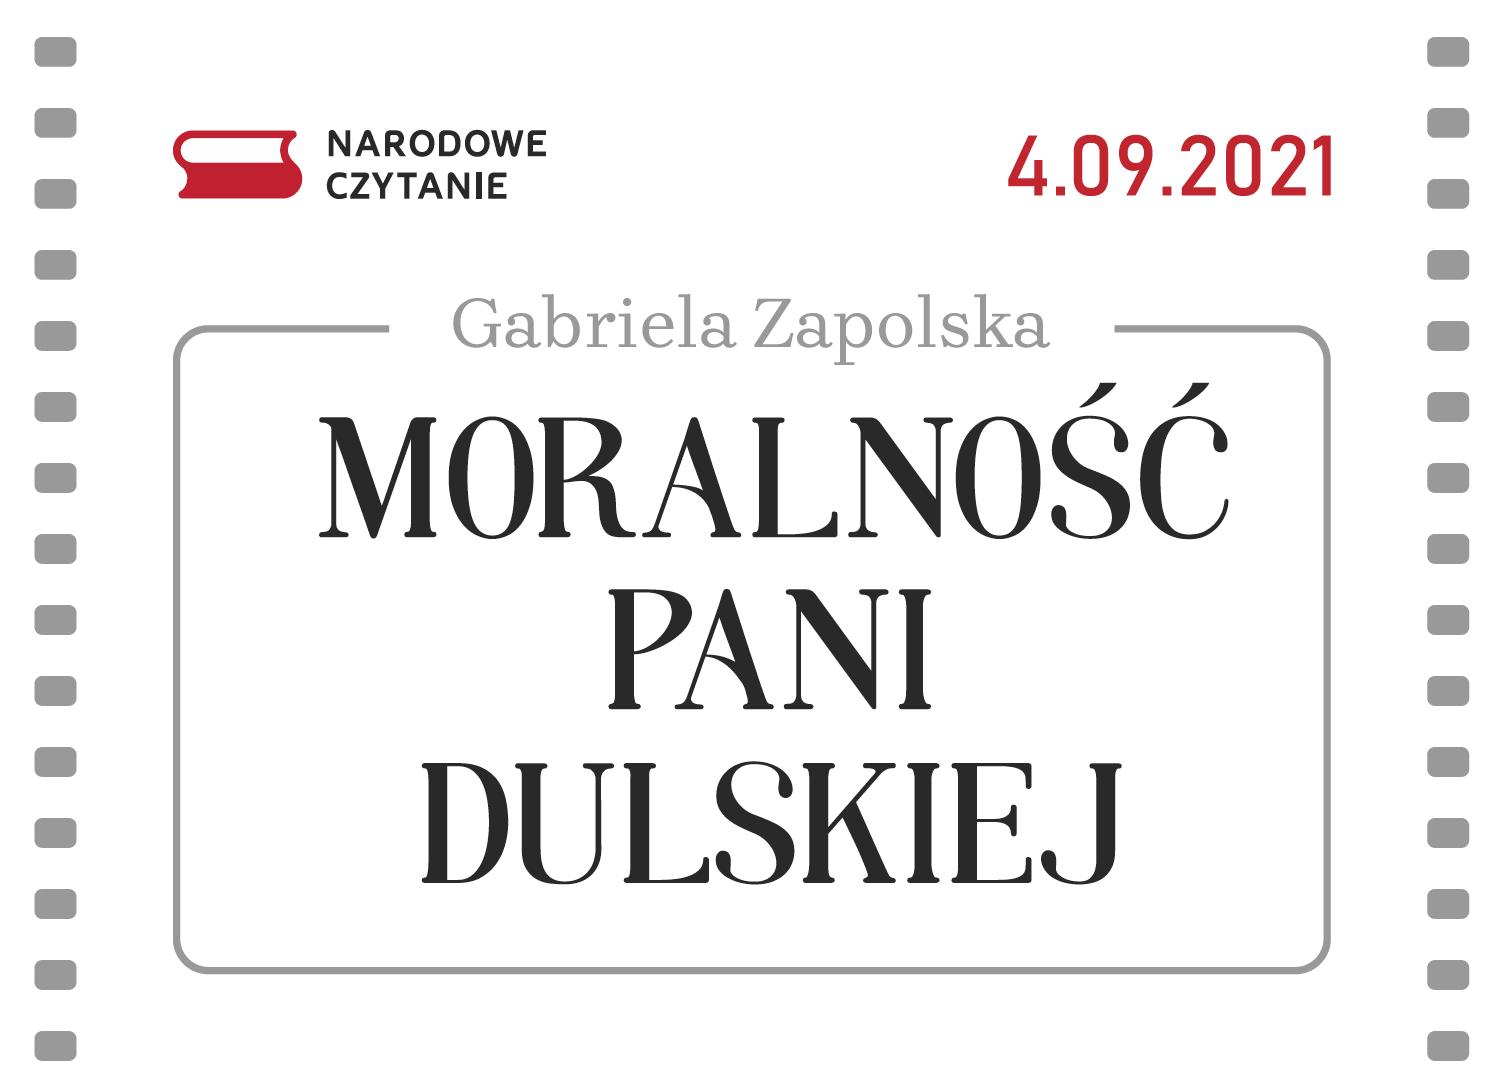 """Baner Narodowego Czytania 2021: Gabriela Zapolska """"Moralność Pani Dulskiej"""" 4.09.2021"""